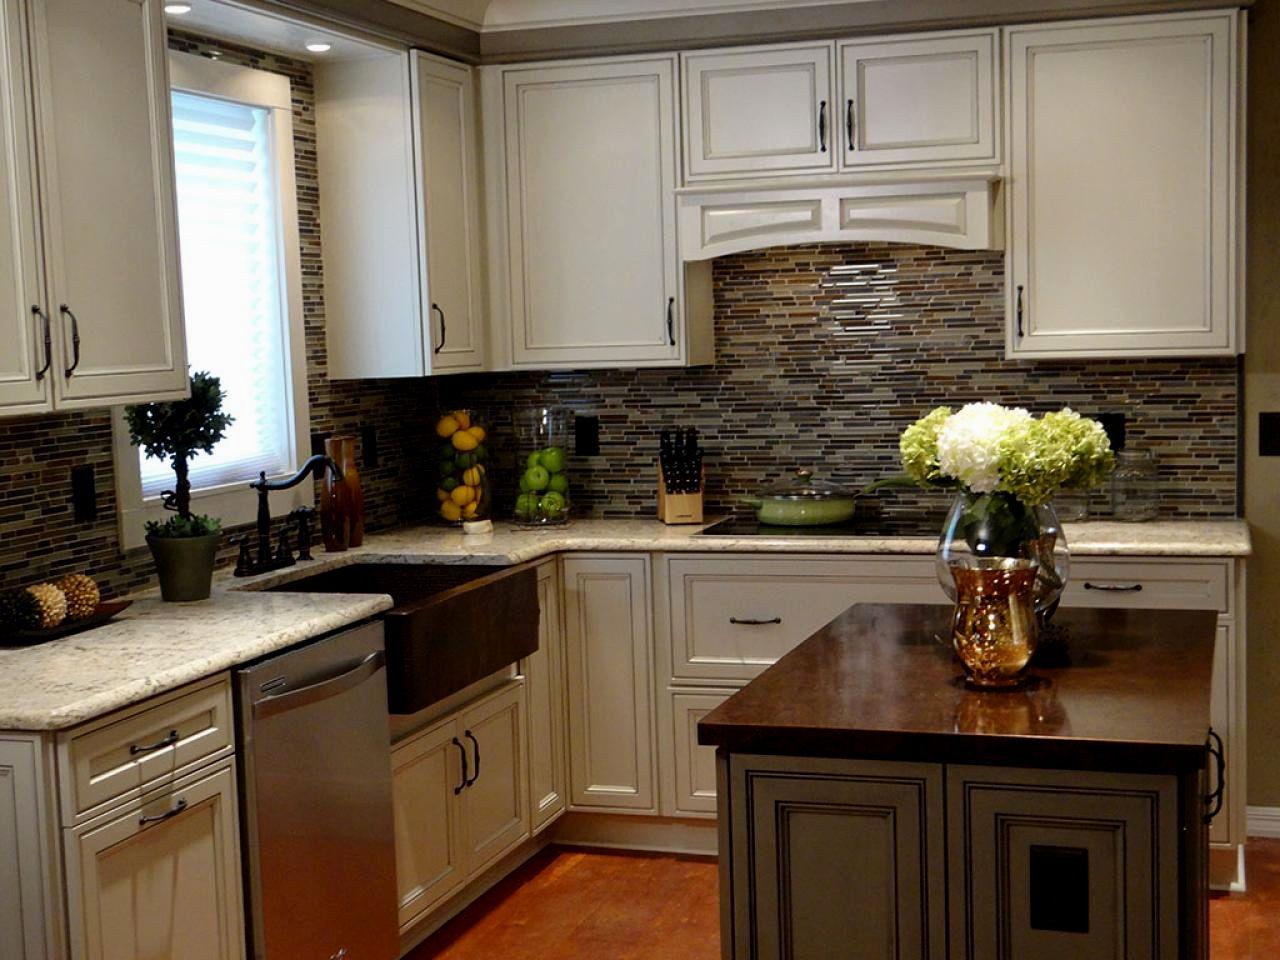 Amazing 6x8 Bathroom Layout Portrait - Bathroom Design Ideas Gallery on 8 x 8 kitchen design, 12 x 8 kitchen design, 14 x 8 kitchen design, 15 x 8 kitchen design, 8 by 8 bedroom design, 8 x 10 kitchen design, 6 x 10 kitchen design,